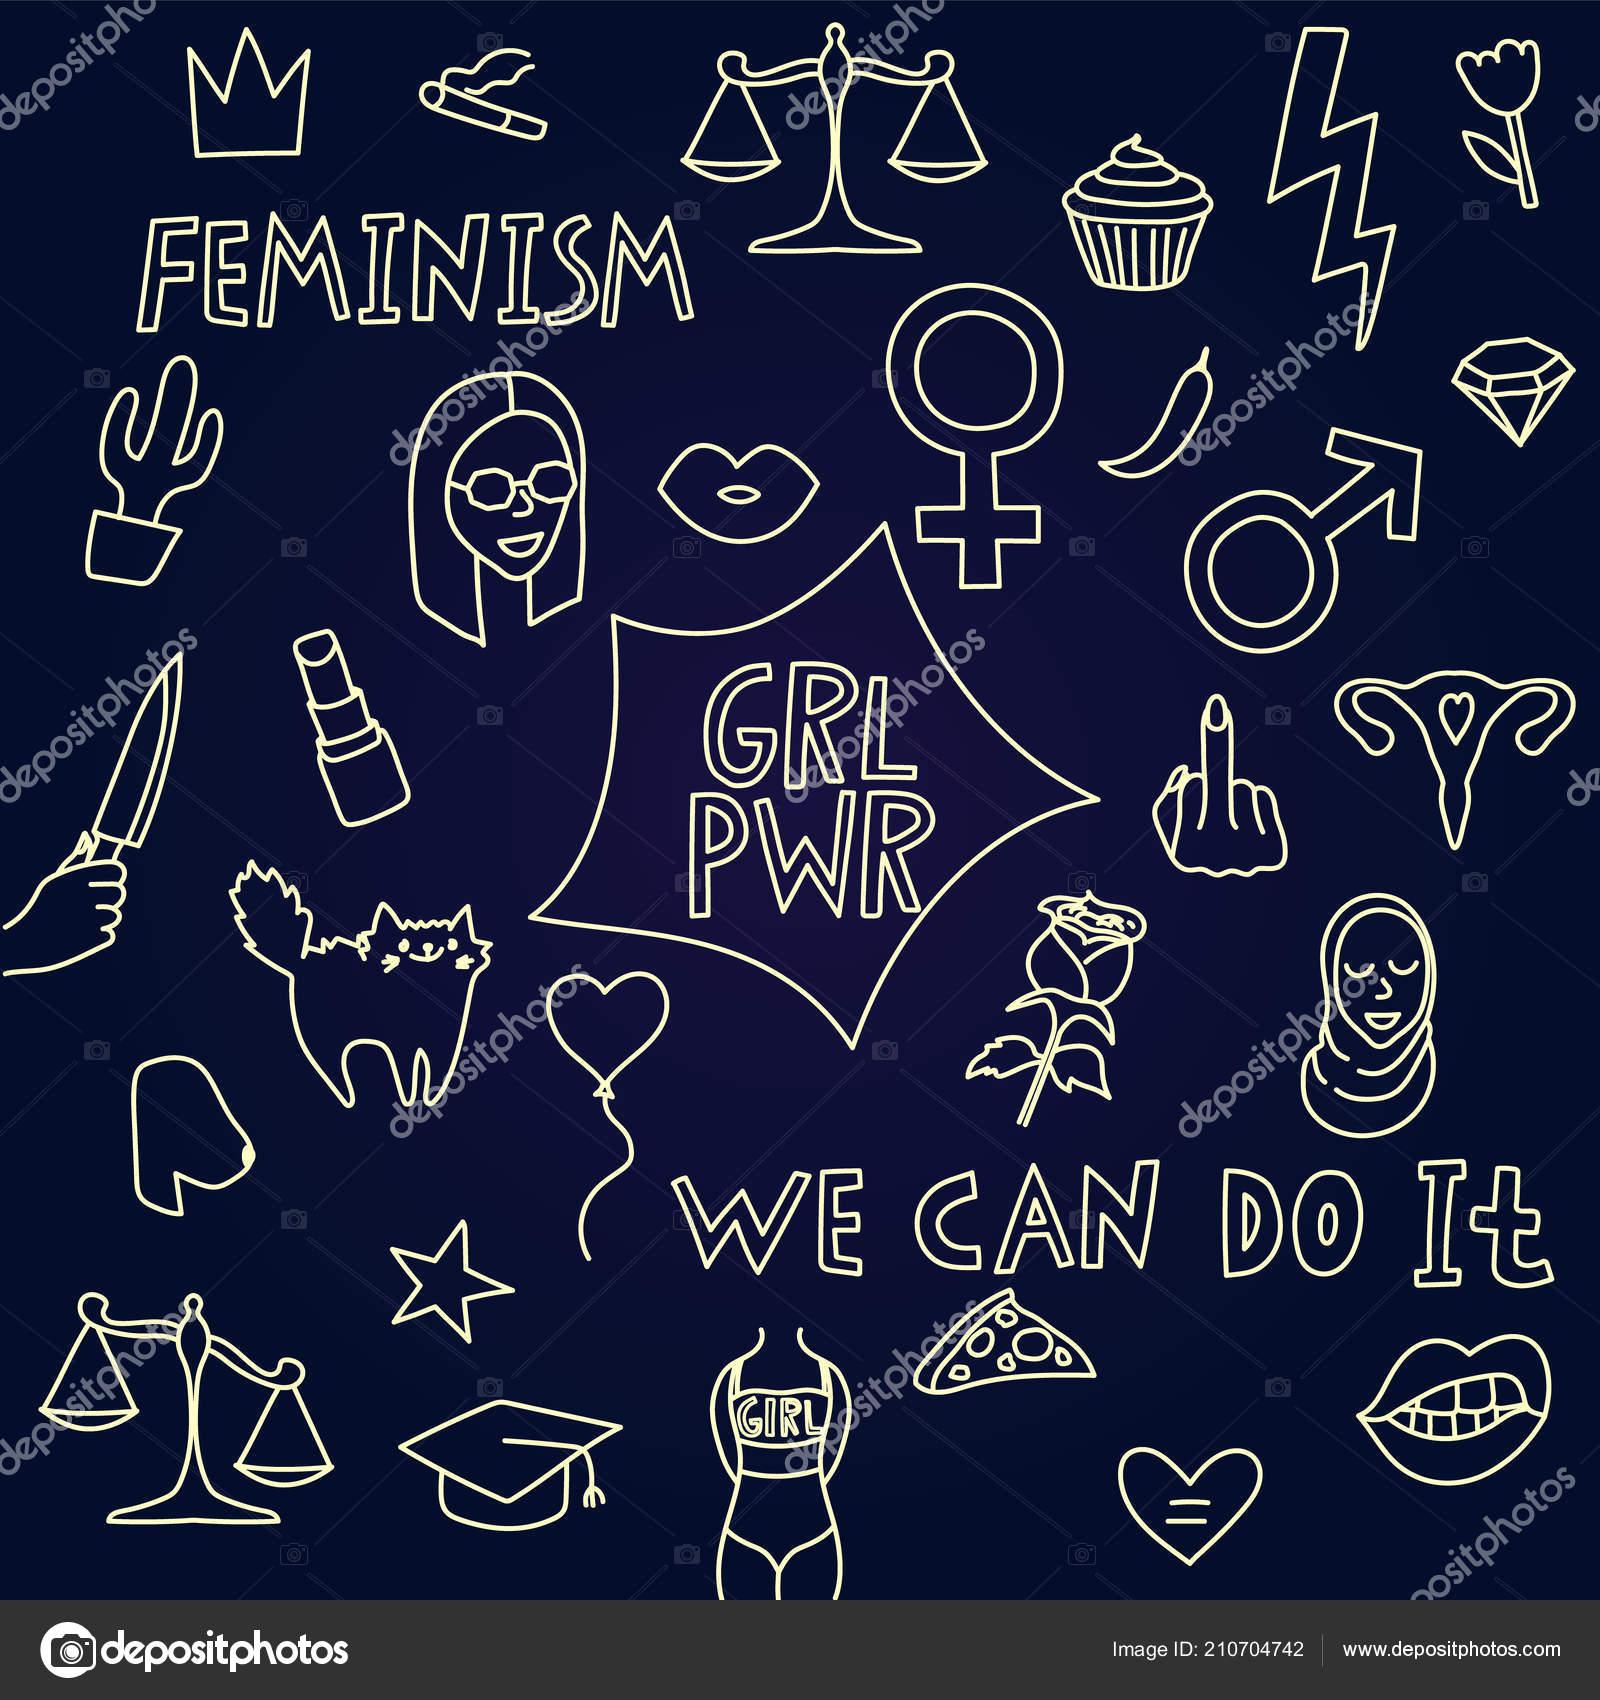 Big Simple Feminism Set Symbols Text Vector Illustration